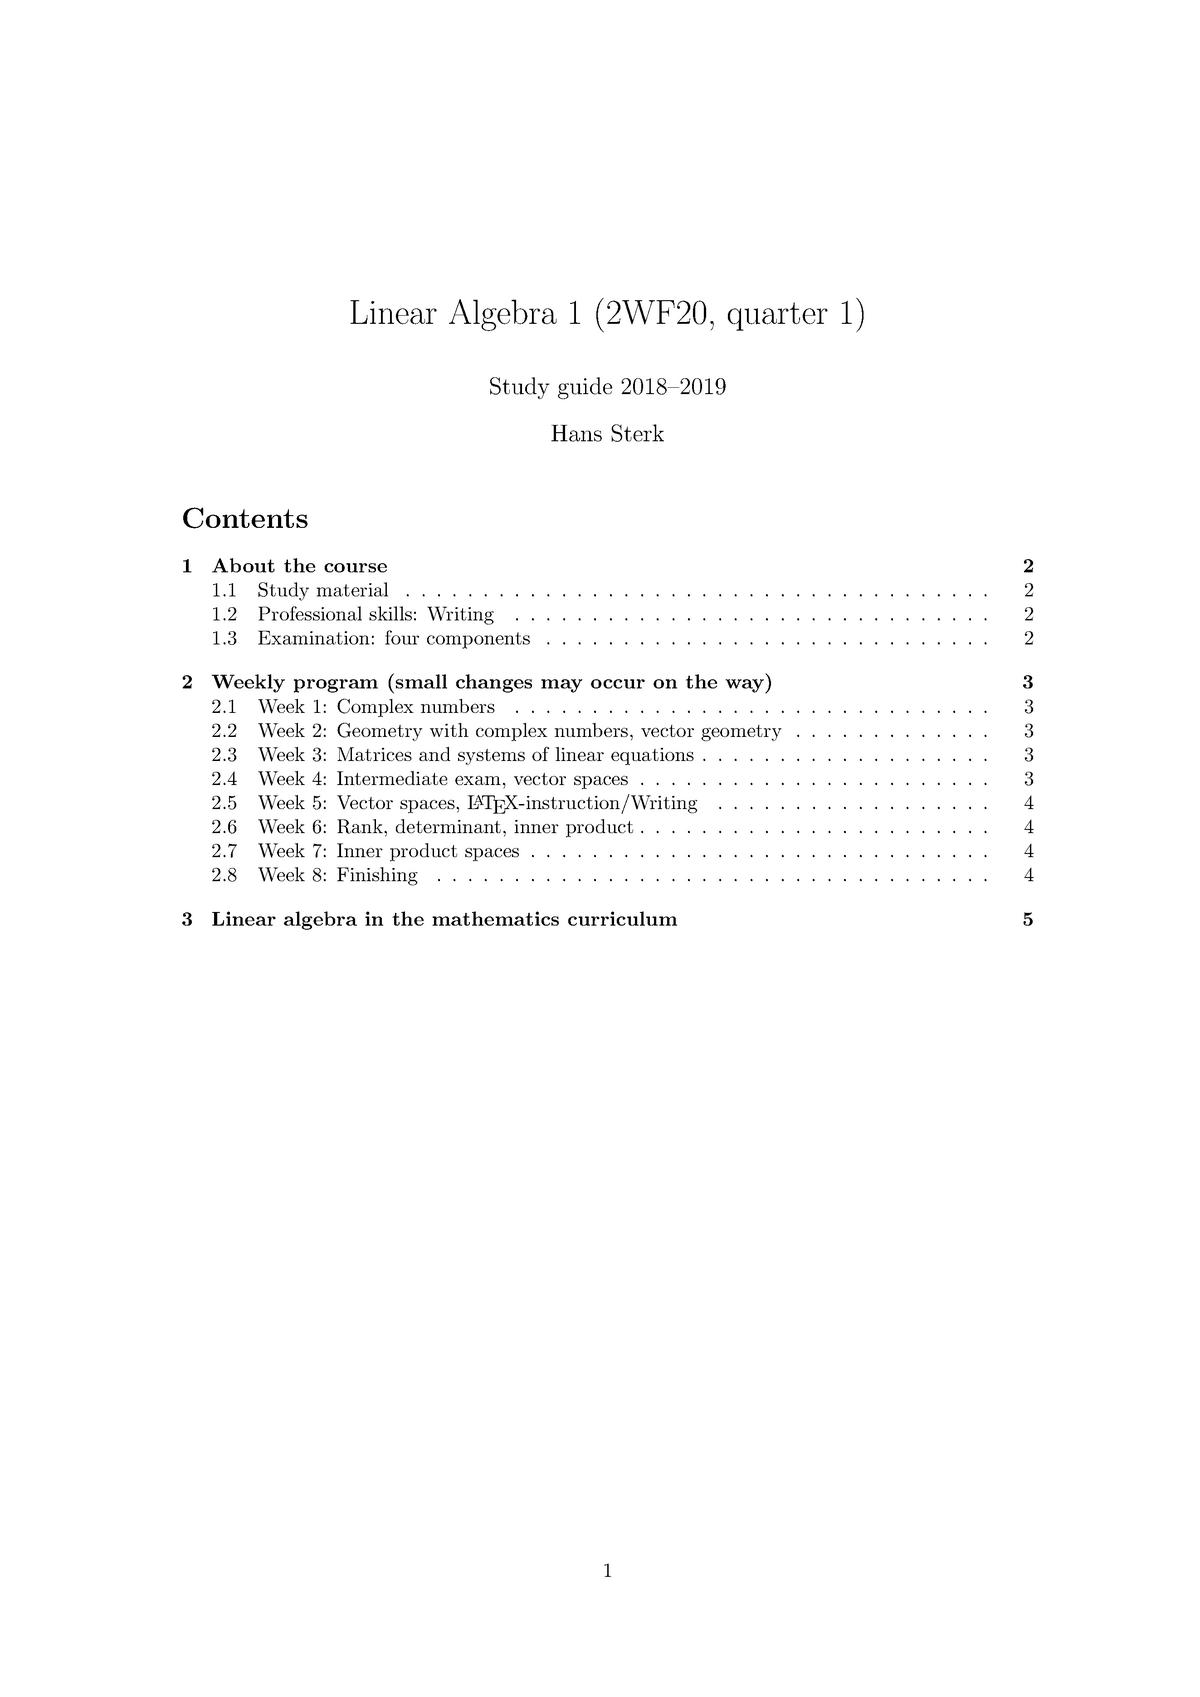 Weekley-Schedule - 2WF20: Lineaire algebra 1 - StudeerSnel nl